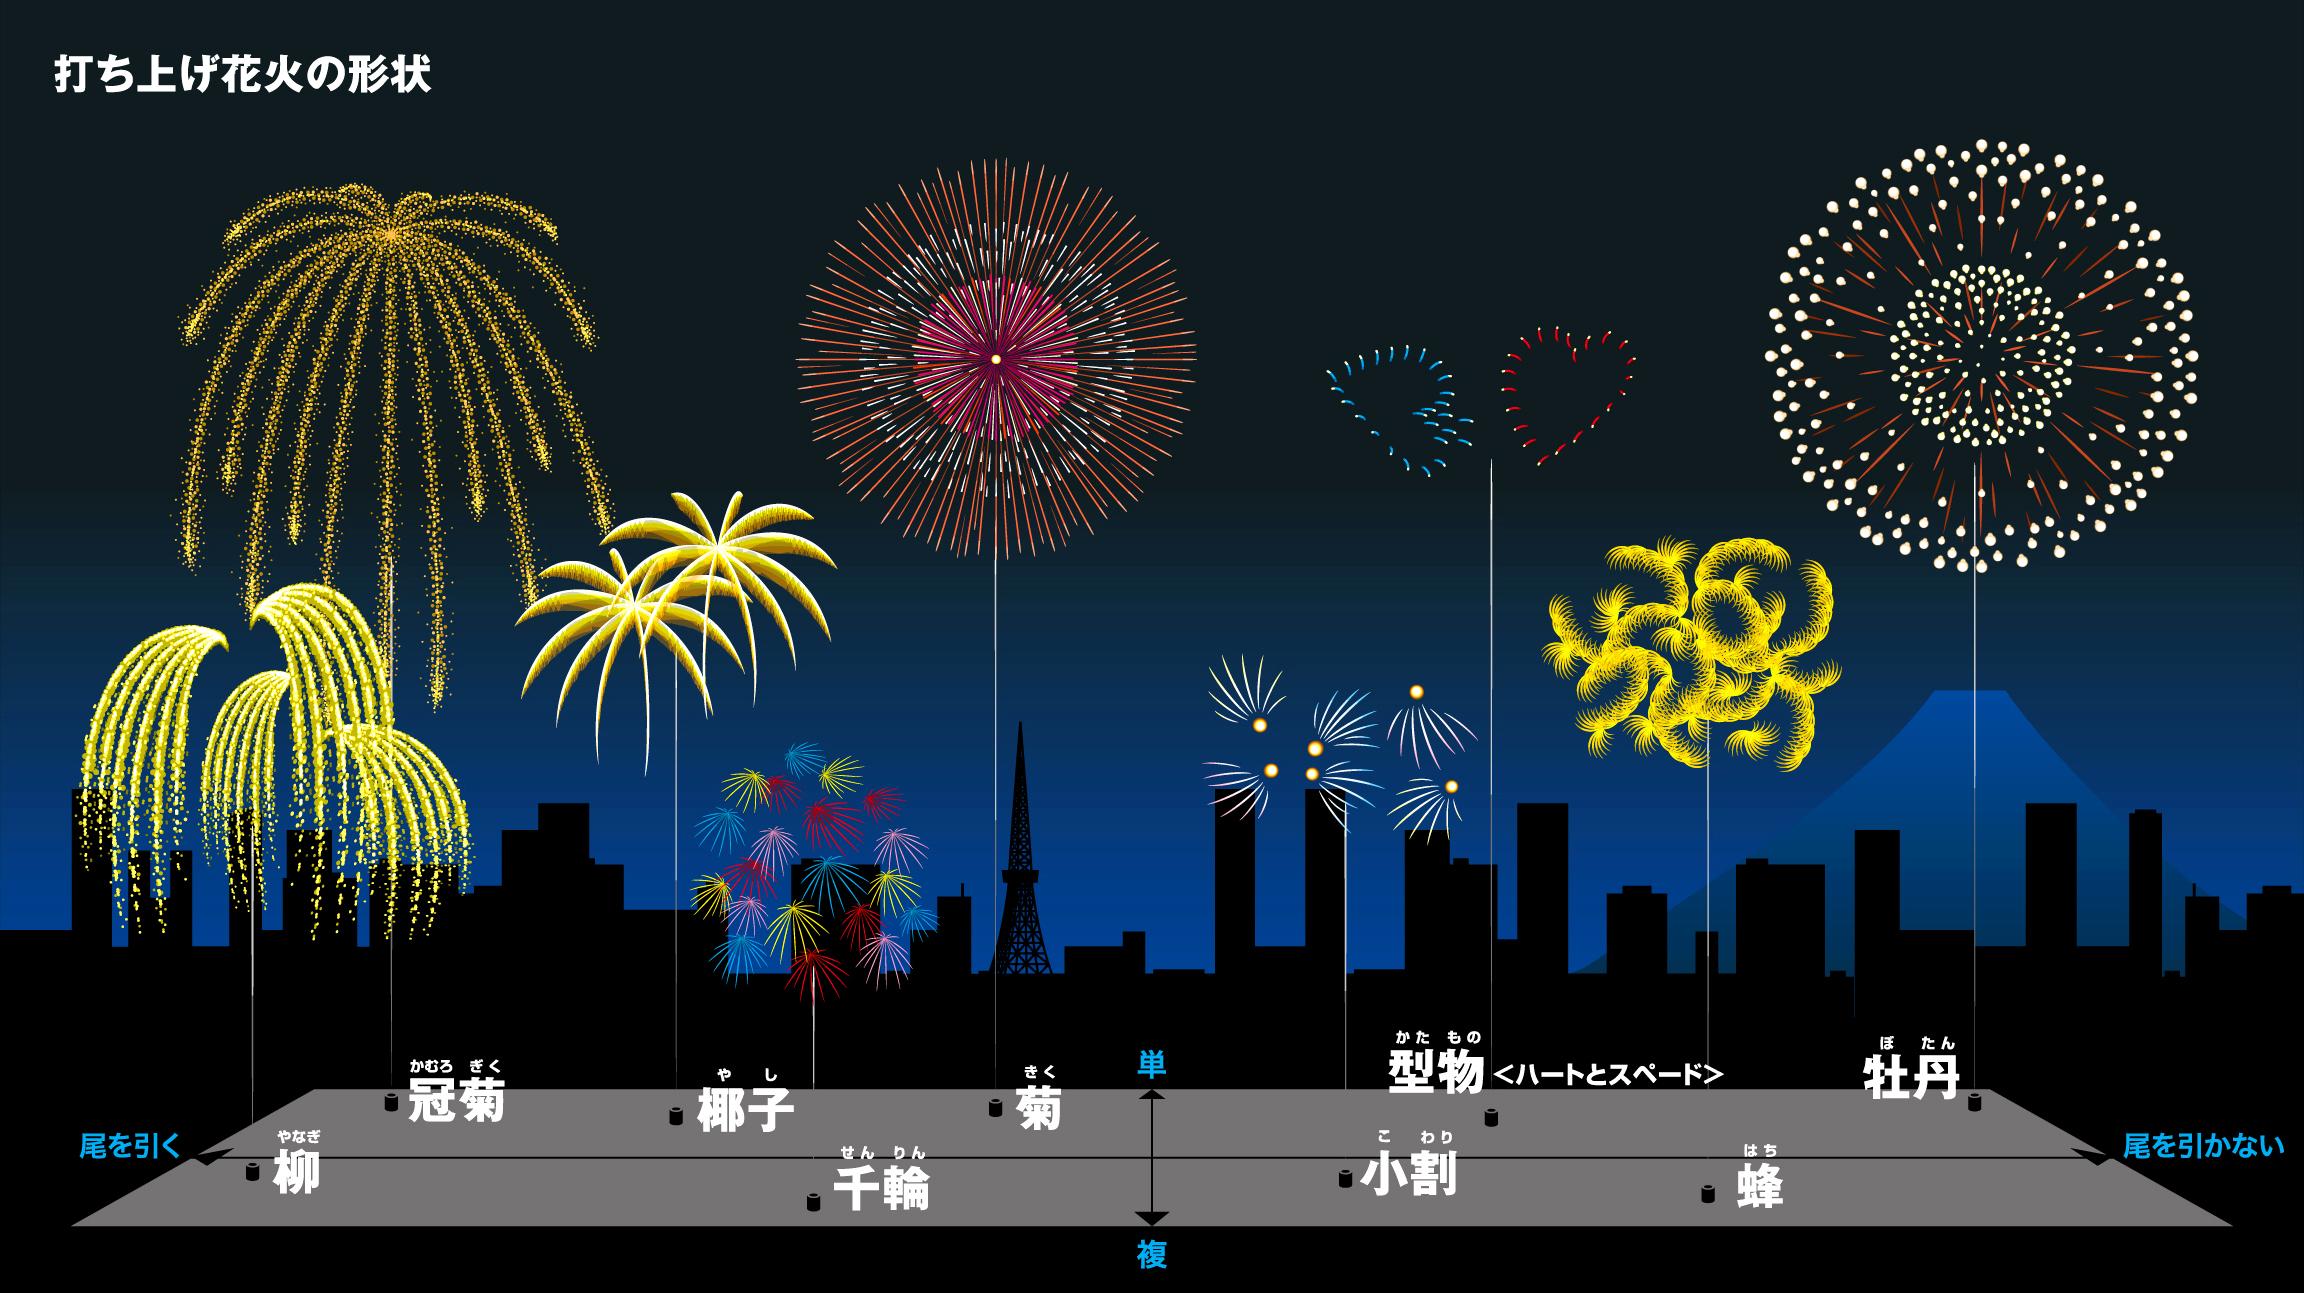 インフォグラフィック:打ち上げ花火9種類の形状と名前。あなたはどれが好き?